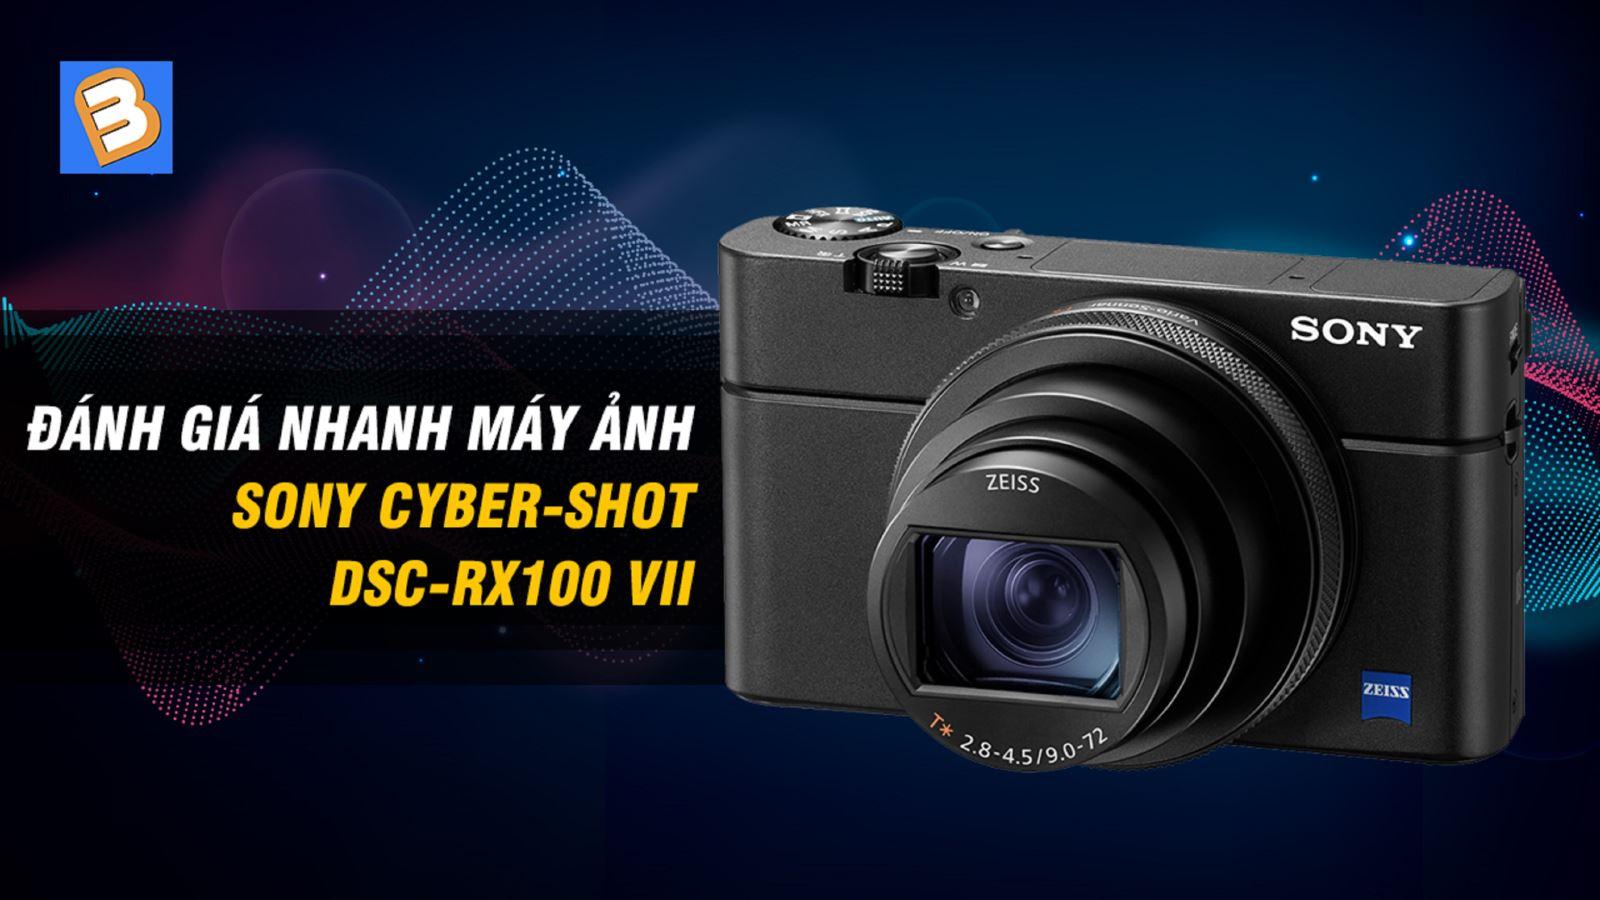 Đánh giá nhanh máy ảnhSony Cyber-shot DSC-RX100 VII